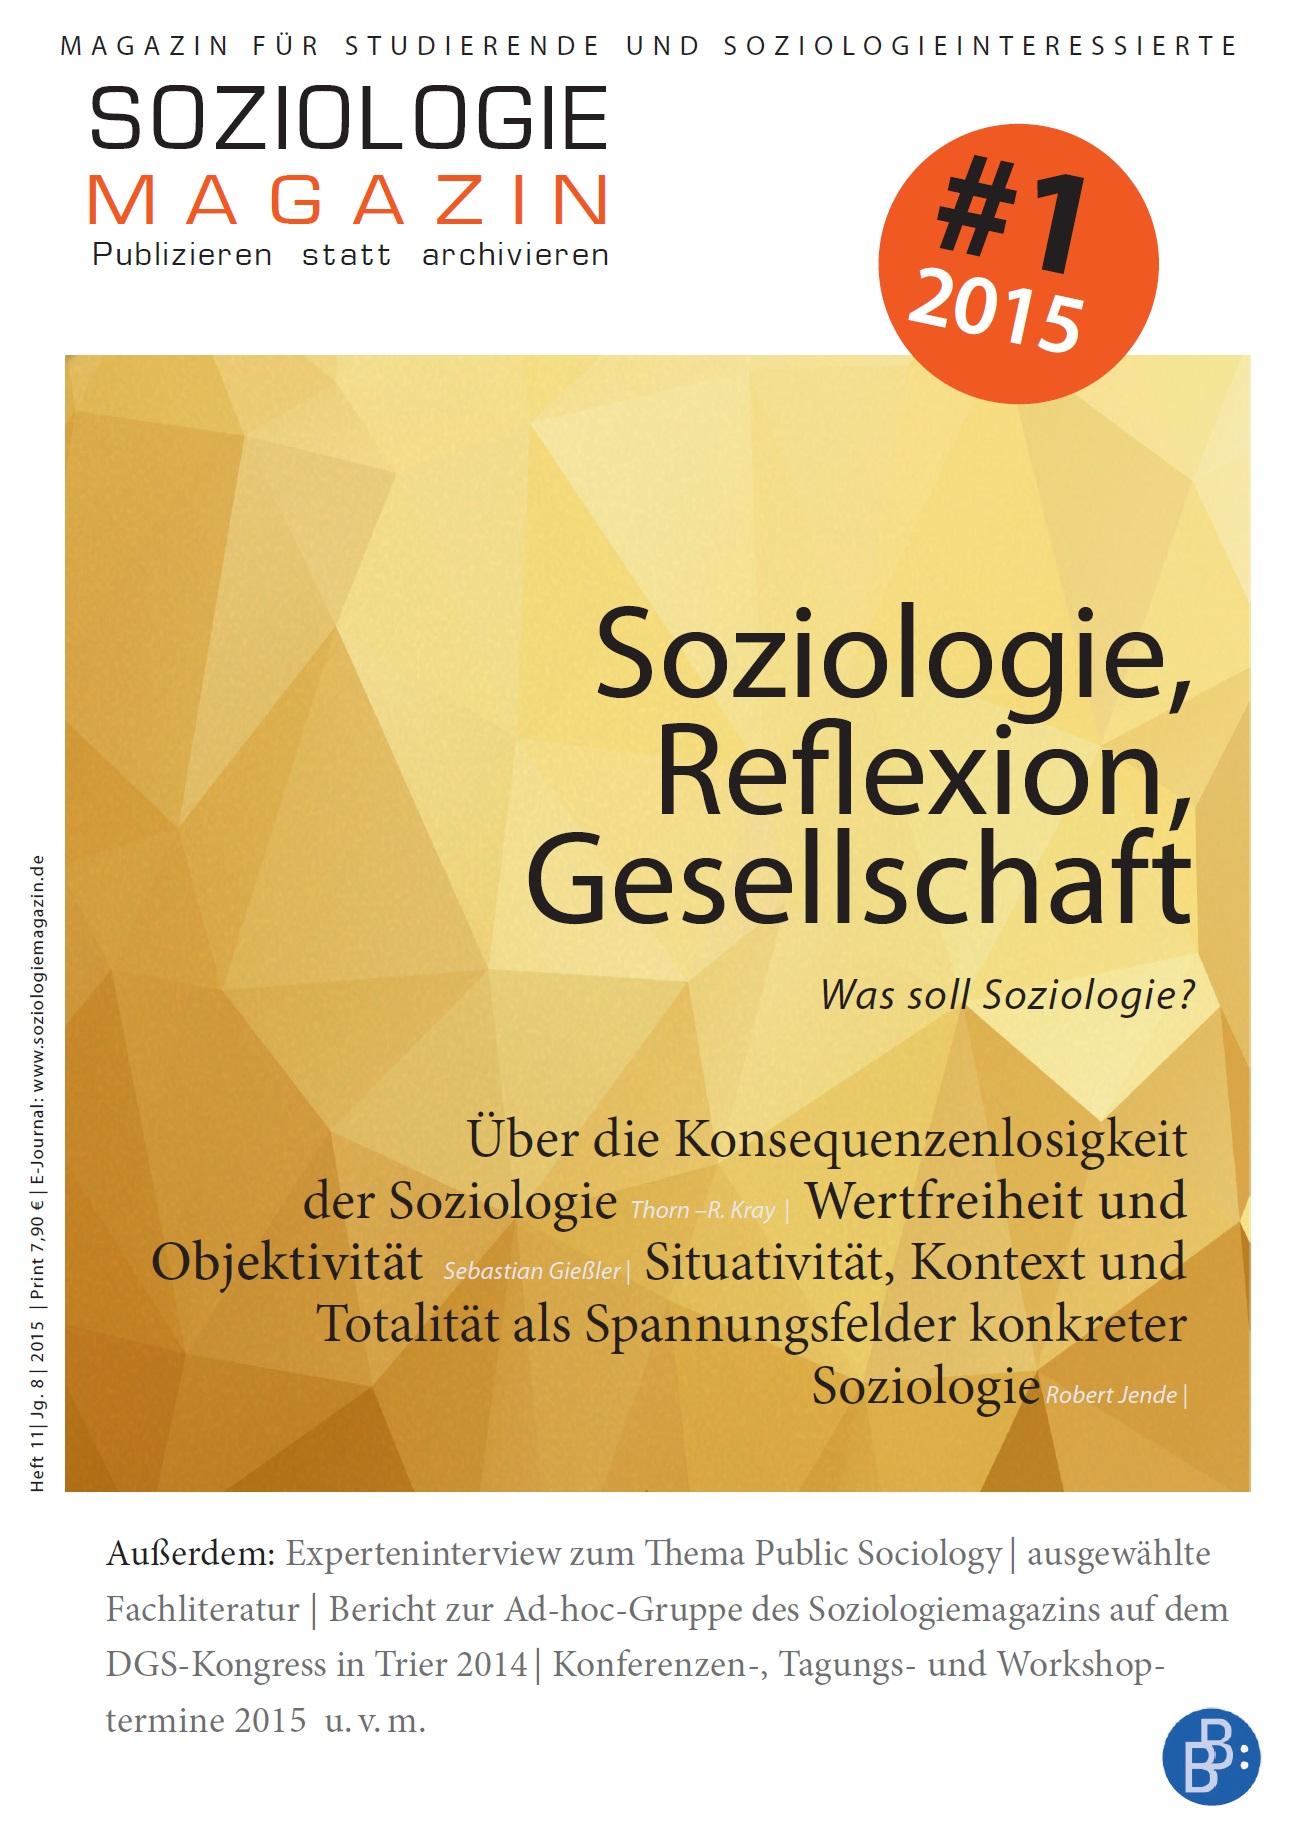 Soziologie, Reflexion, Gesellschaft - Was soll Soziologie?